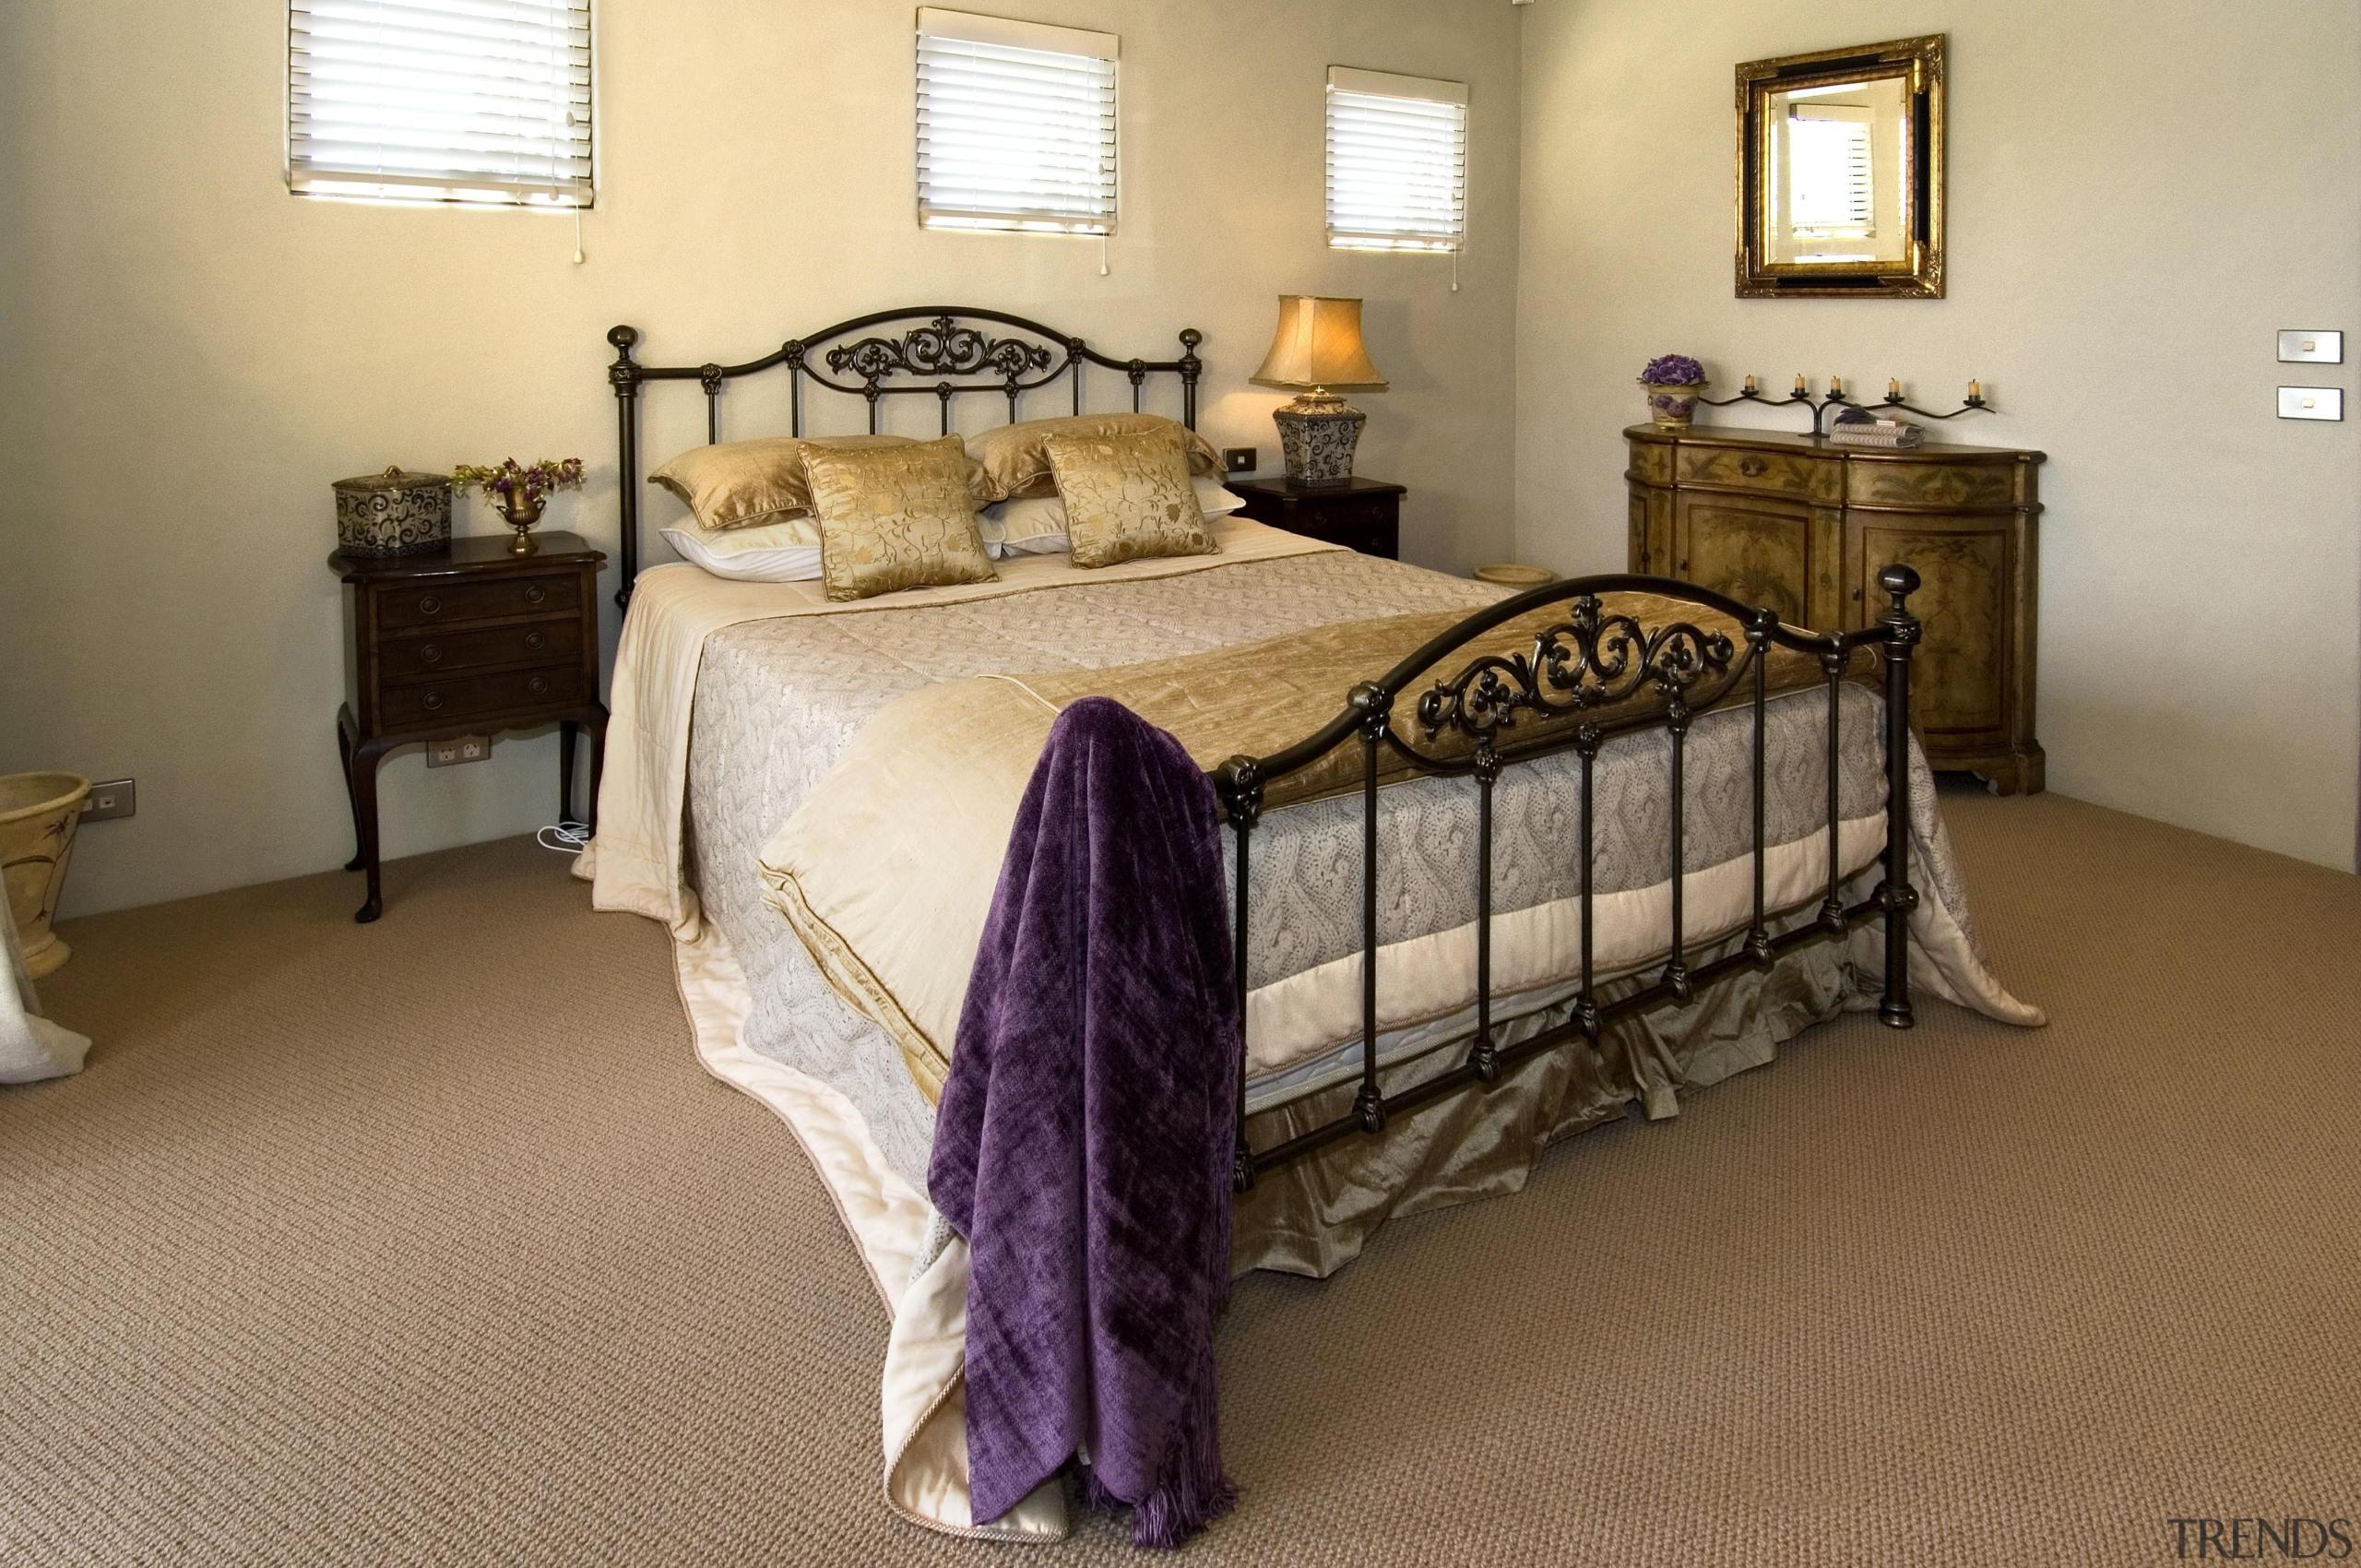 170mangawhai 13 - mangawhai_13 - bed | bed bed, bed frame, bedroom, duvet cover, floor, flooring, furniture, home, room, wood, brown